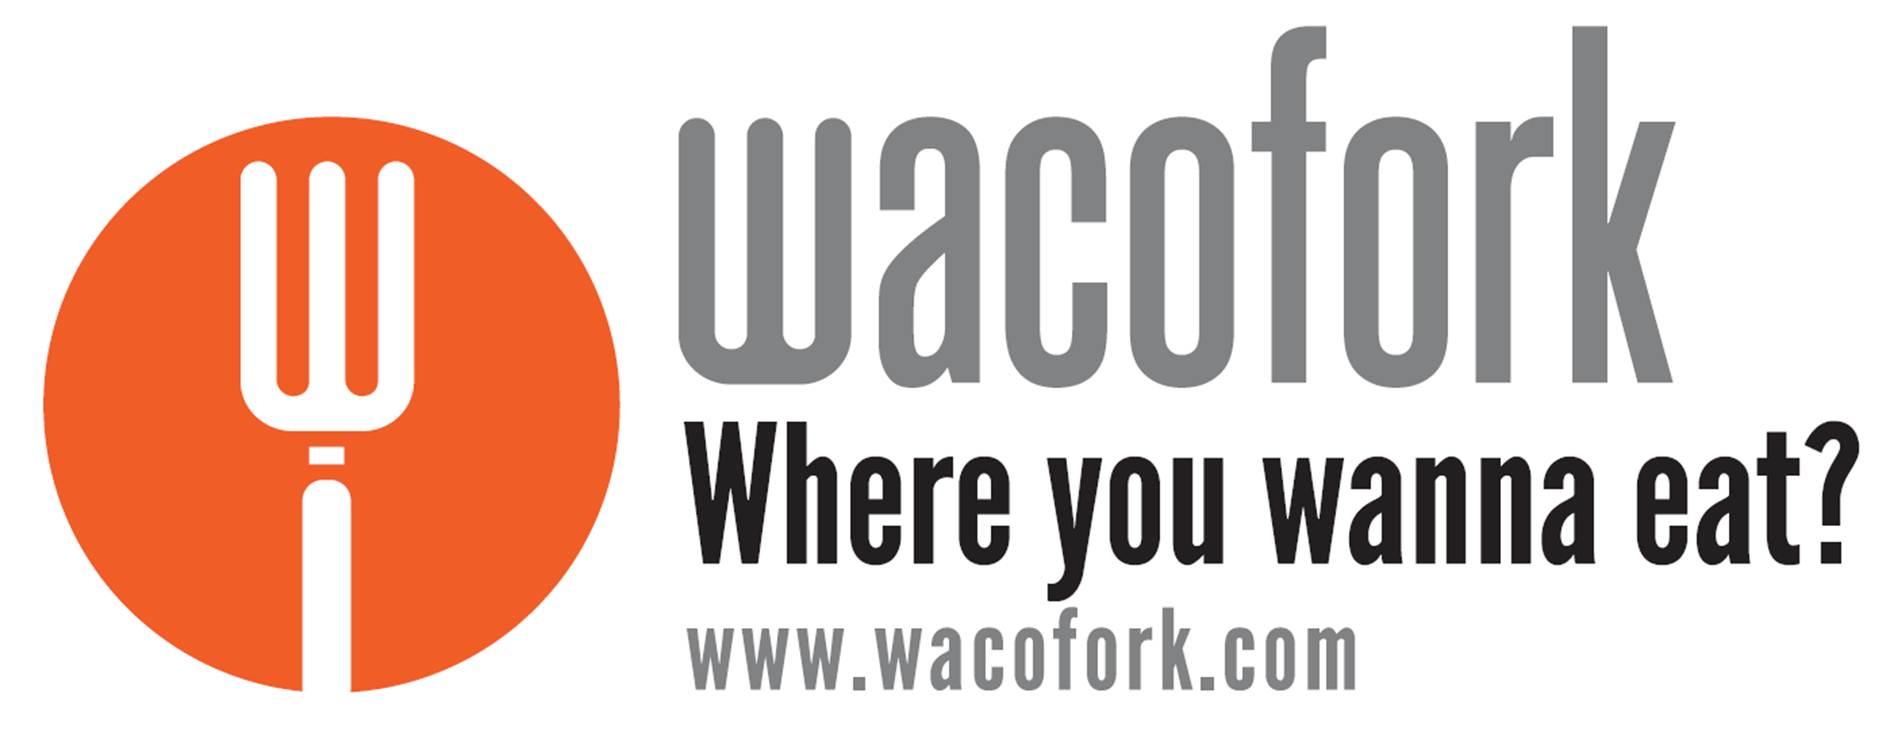 WacoFork Logo